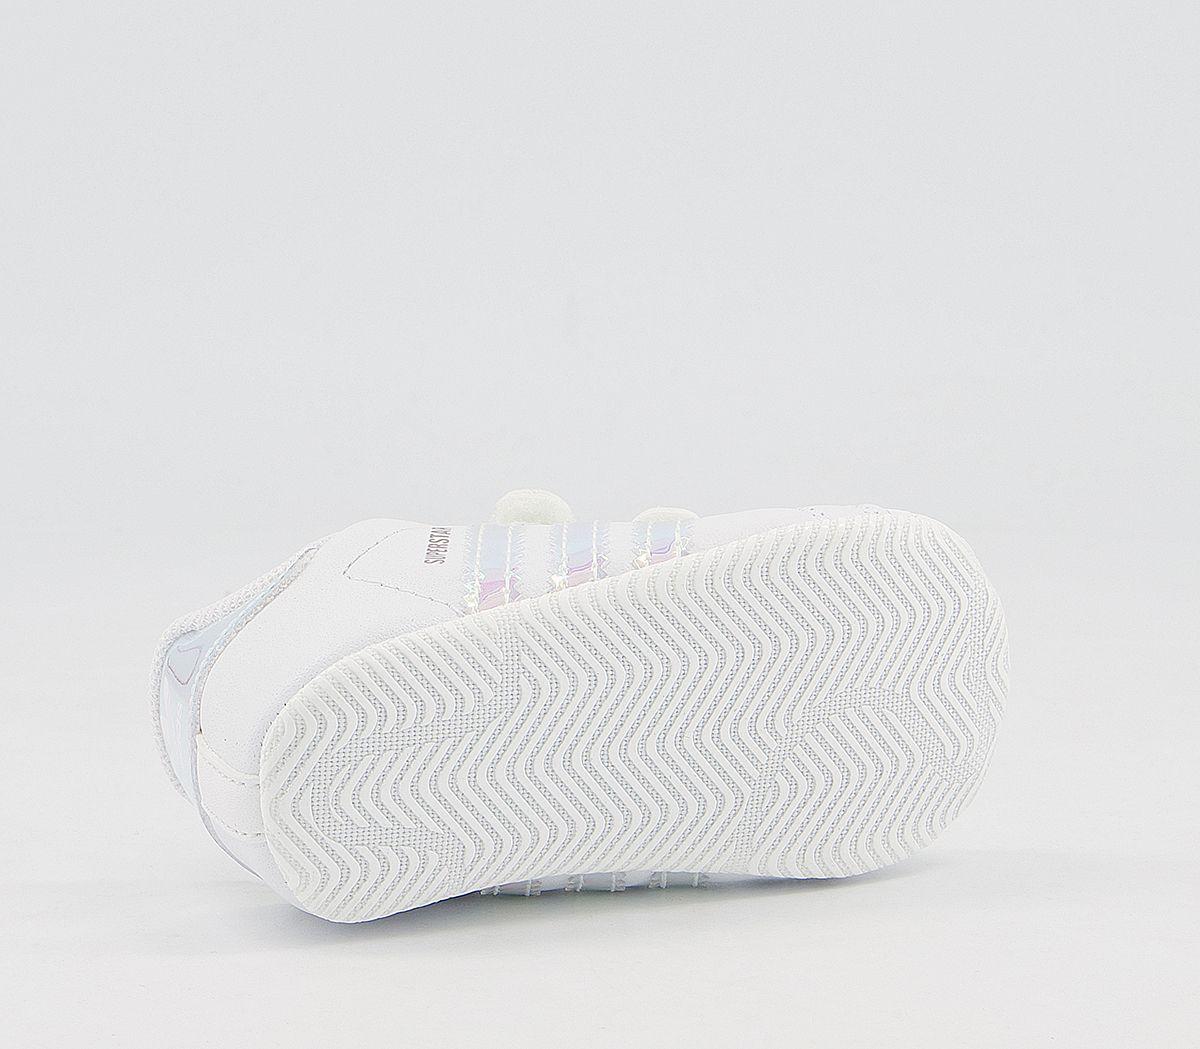 Bambini adidas Superstar Culla Scarpe da Ginnastica Bianche